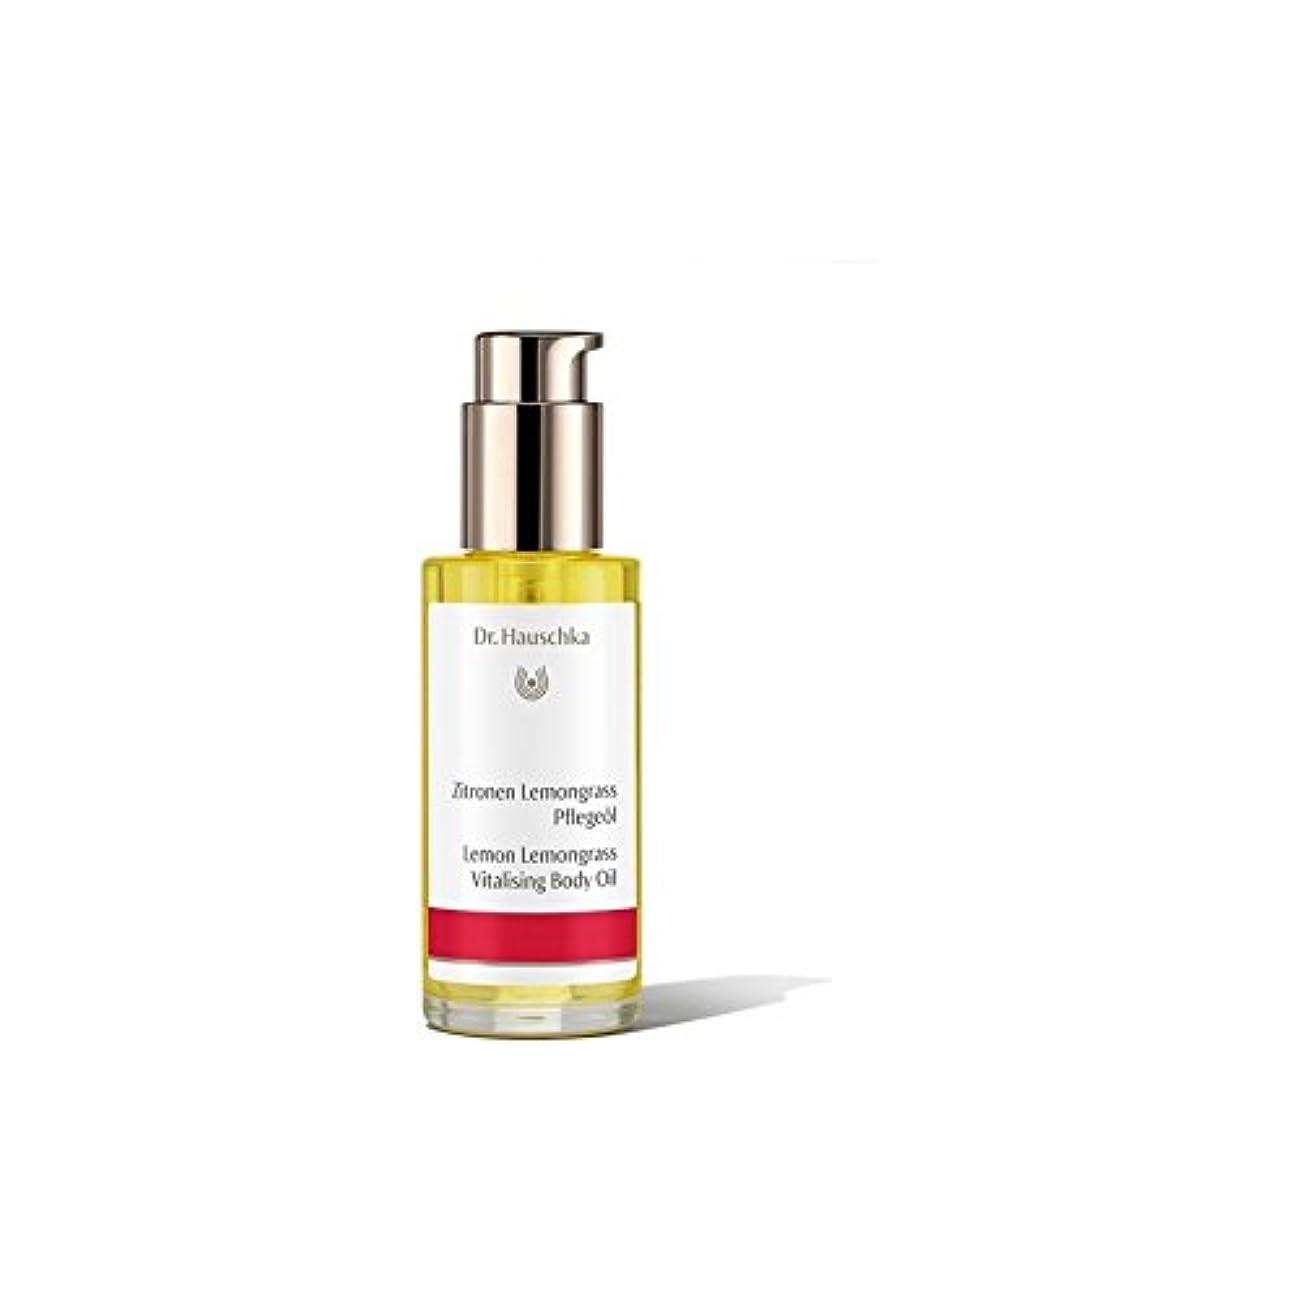 ロビー行動分離するハウシュカレモンレモングラスボディオイル(75ミリリットル) x2 - Dr. Hauschka Lemon Lemongrass Vitalising Body Oil (75ml) (Pack of 2) [並行輸入品]